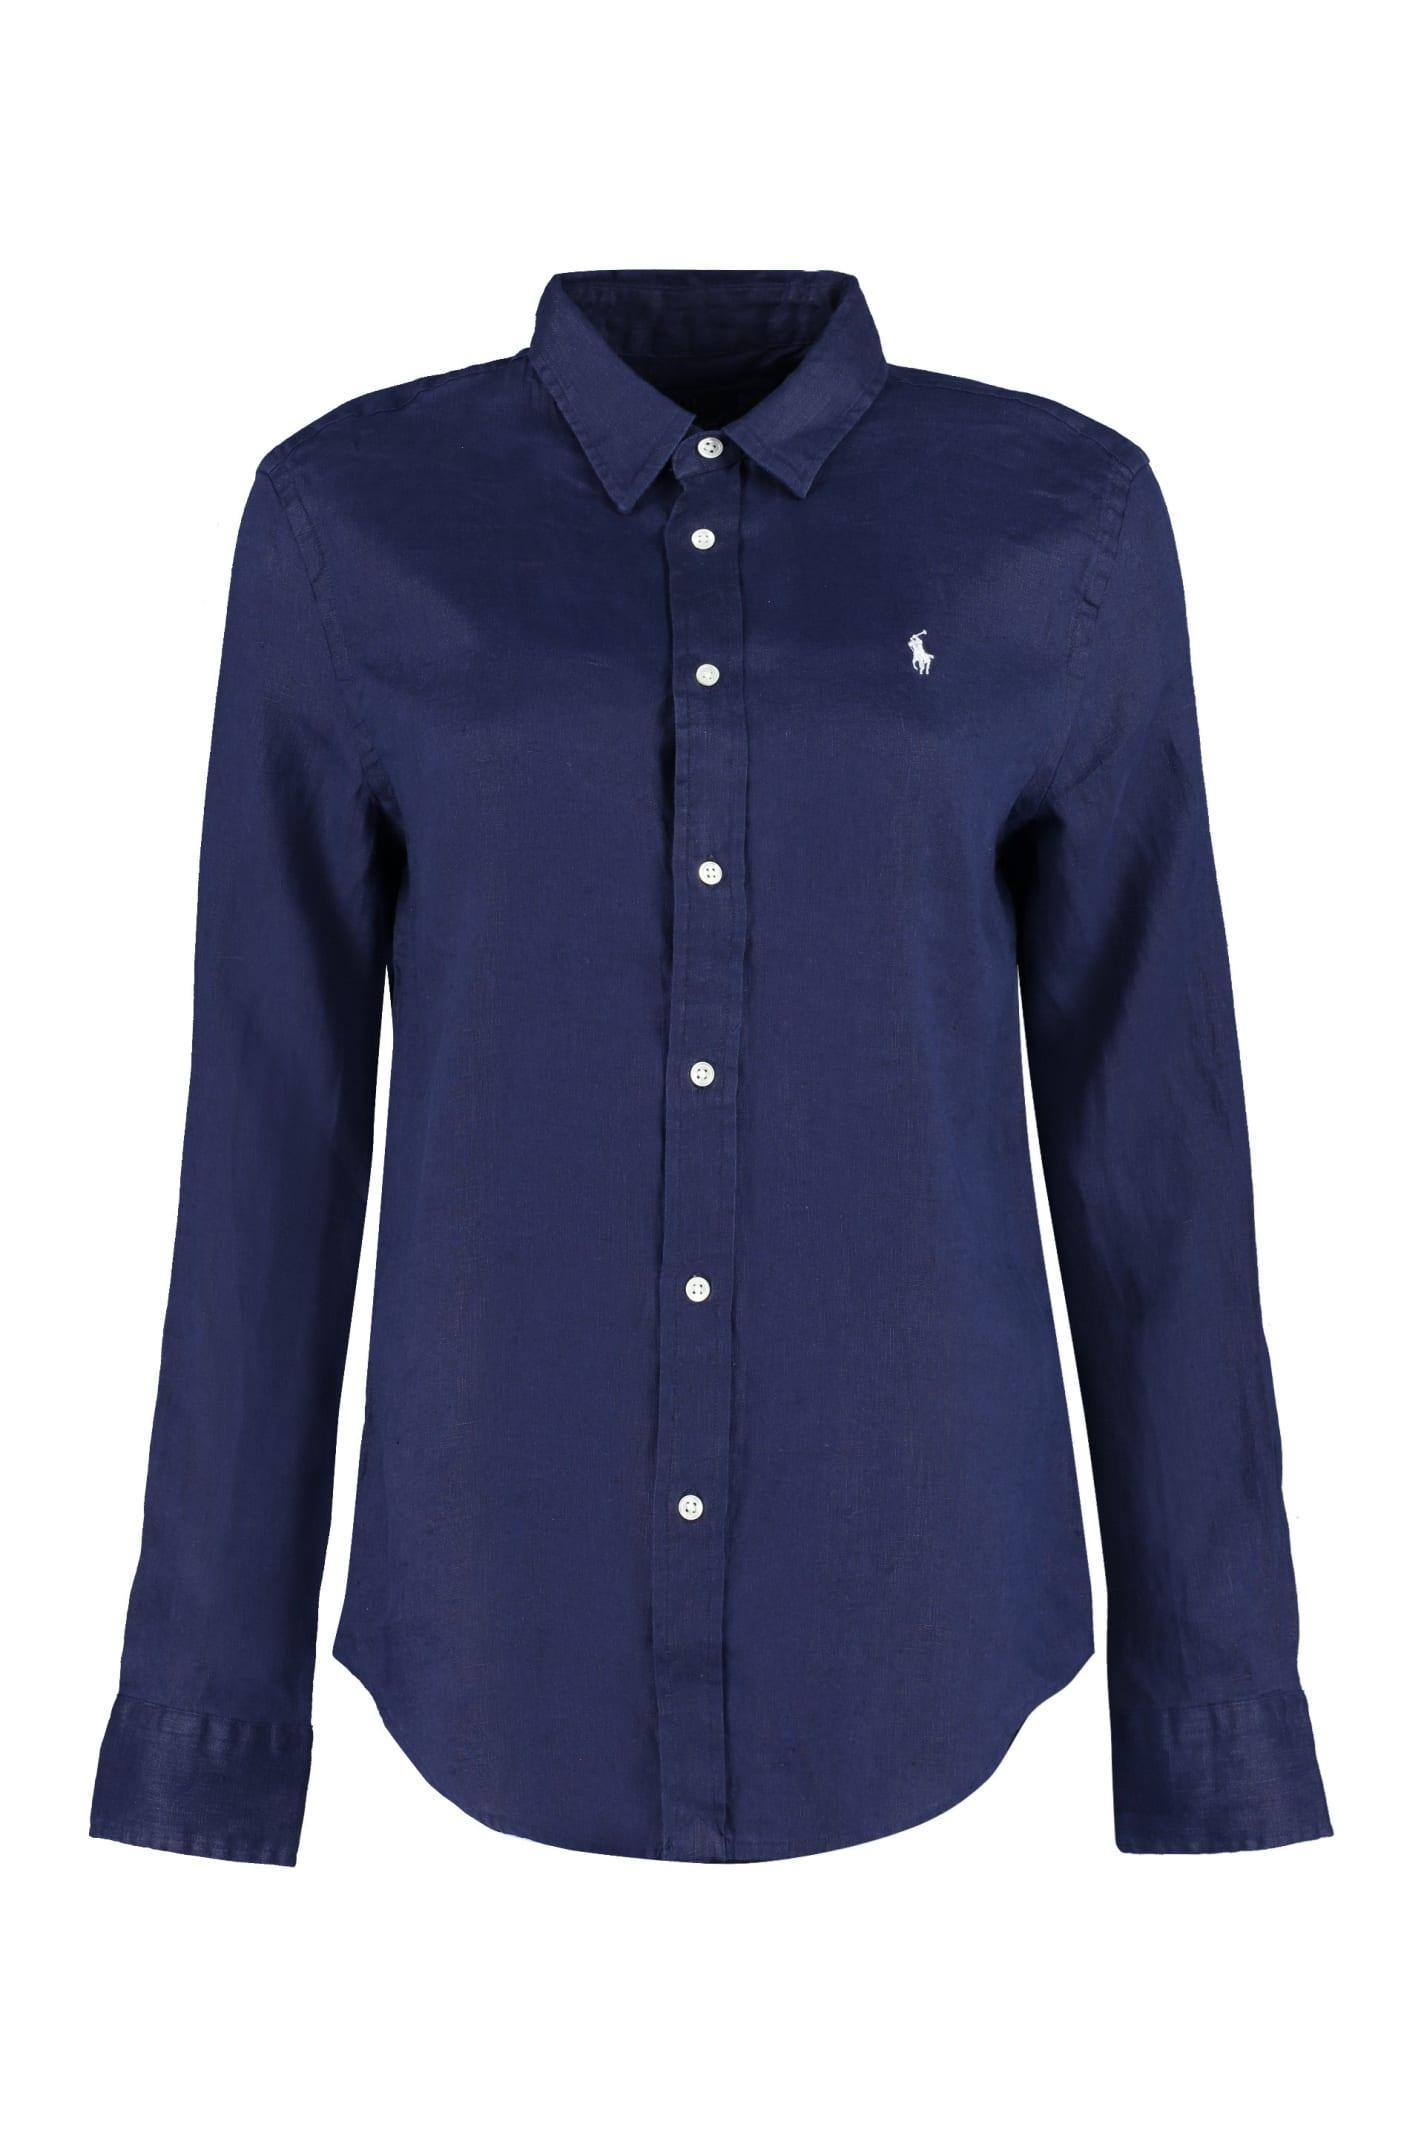 Polo Ralph Lauren Linens LINEN SHIRT